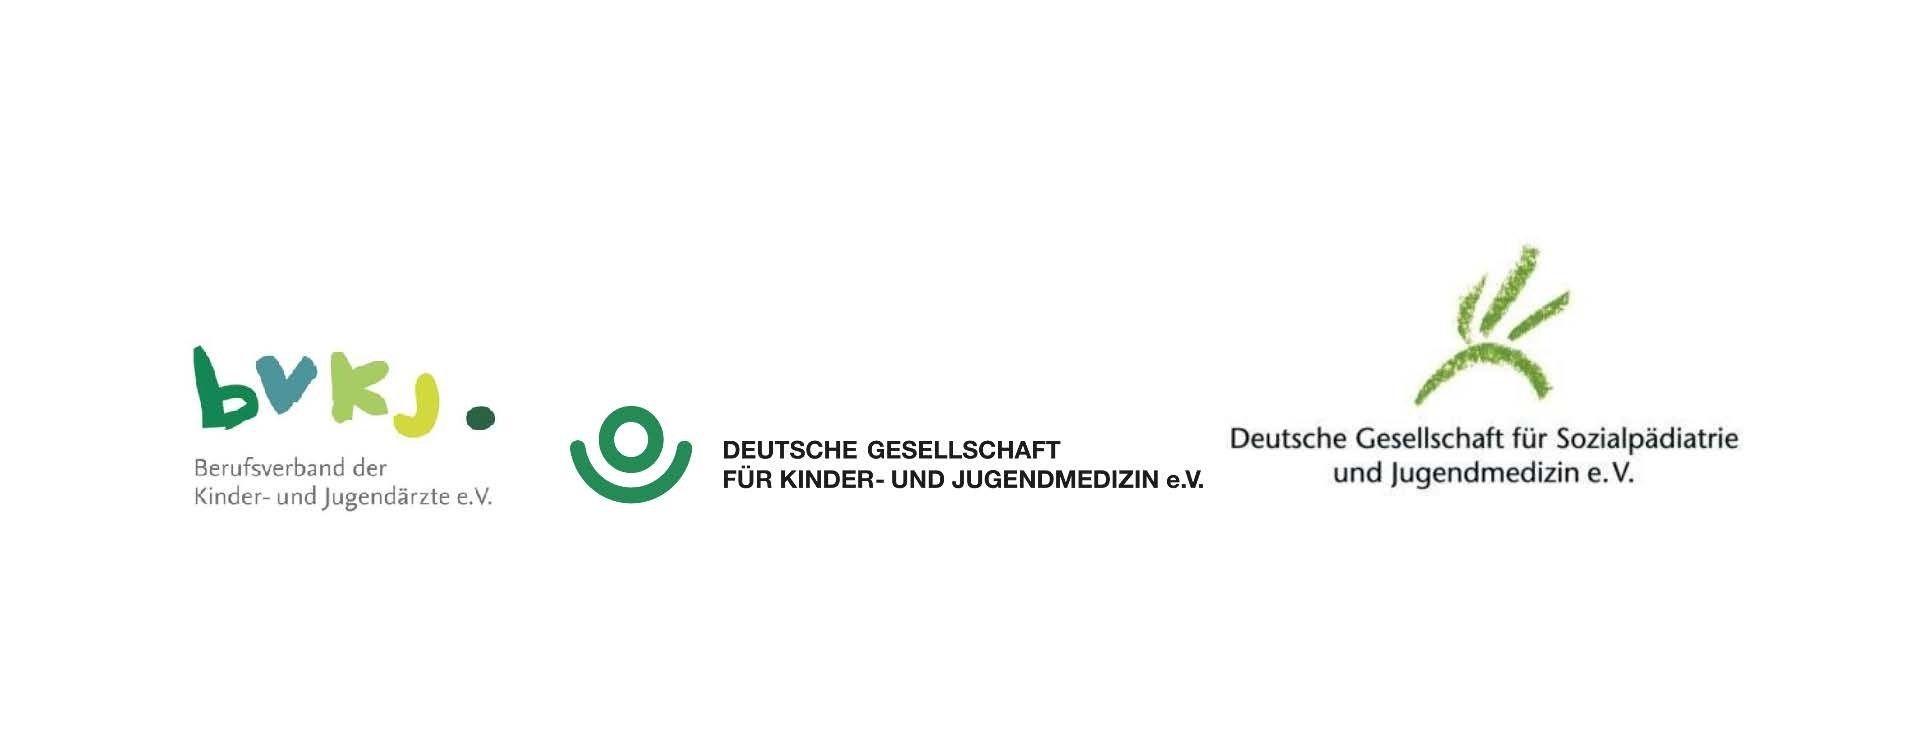 Logos BVKJ, DGKJ, DGSPJ Ausw..jpg